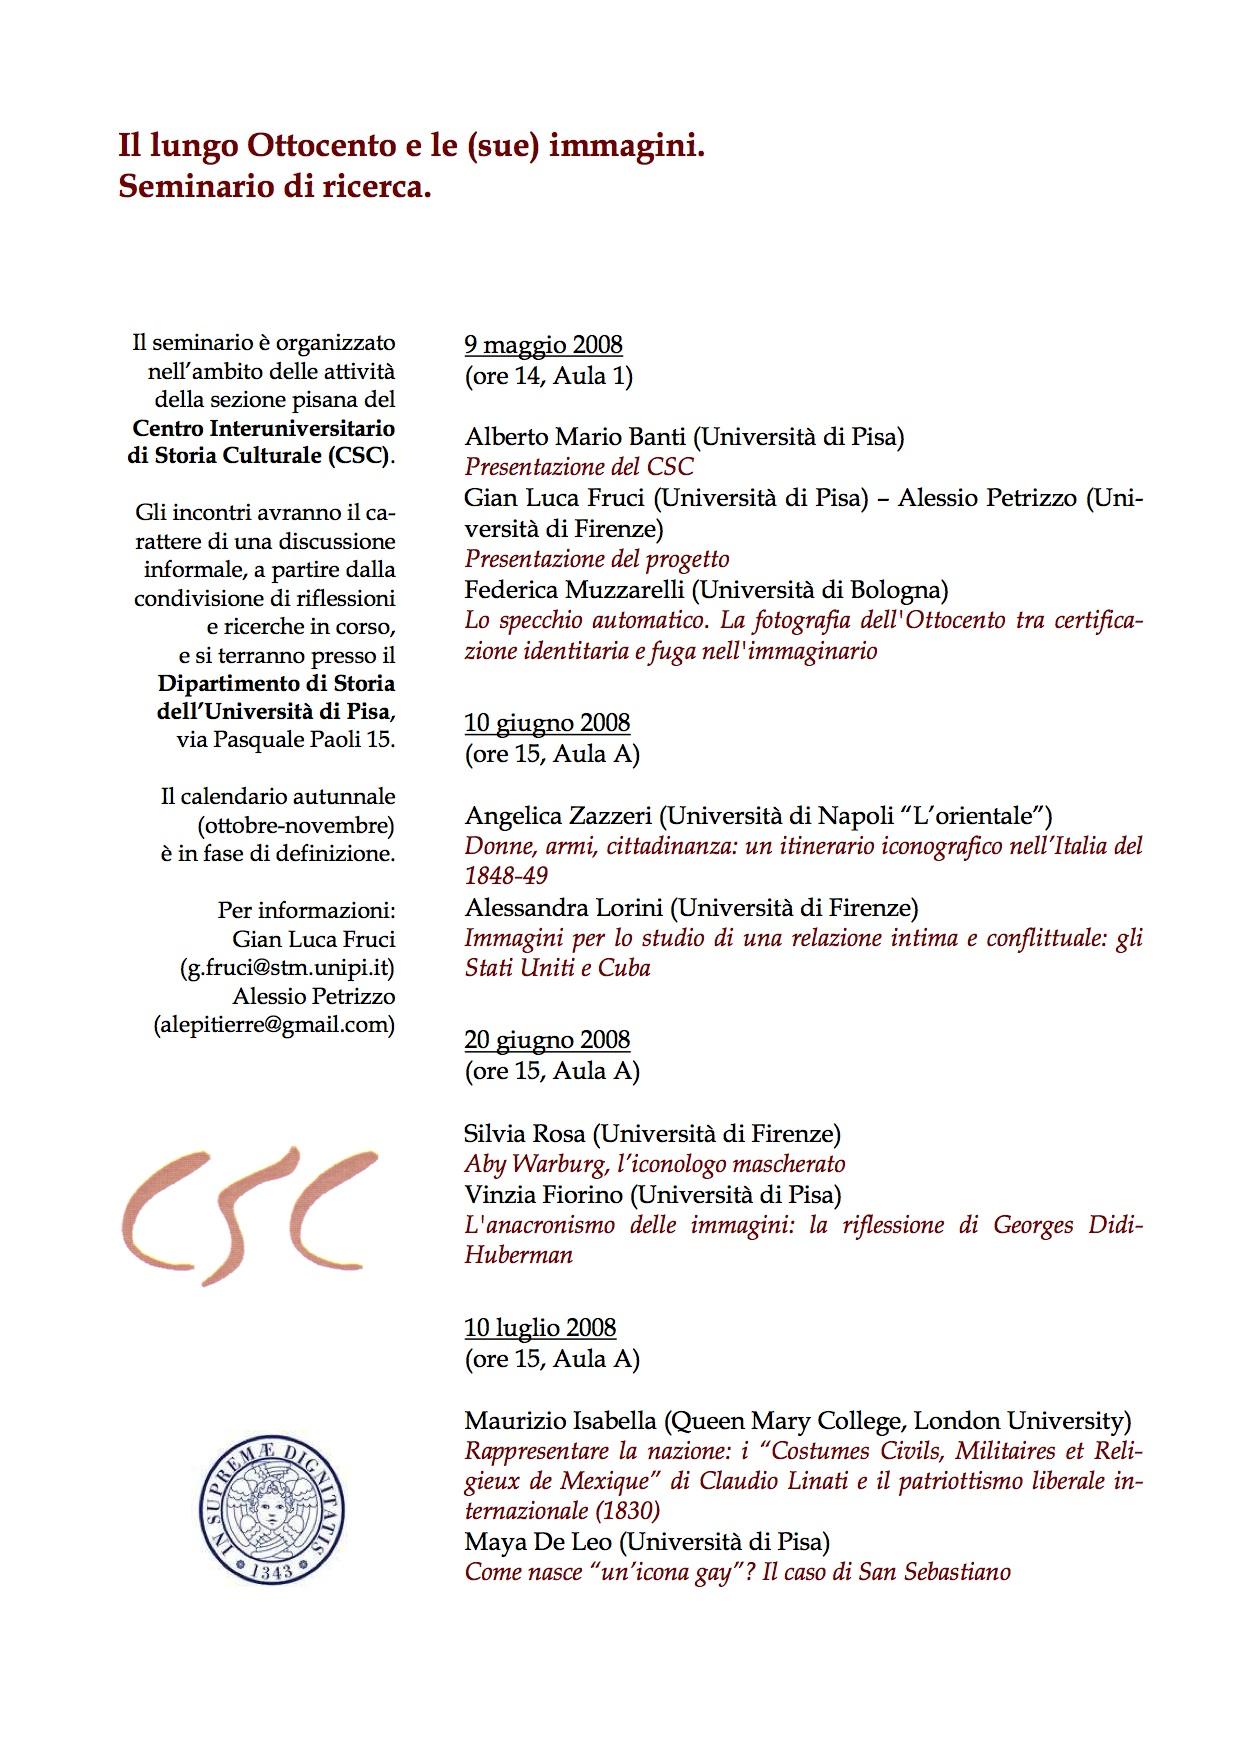 2008 (PI) Il lungo Ottocento e le (sue) immagini.jpg